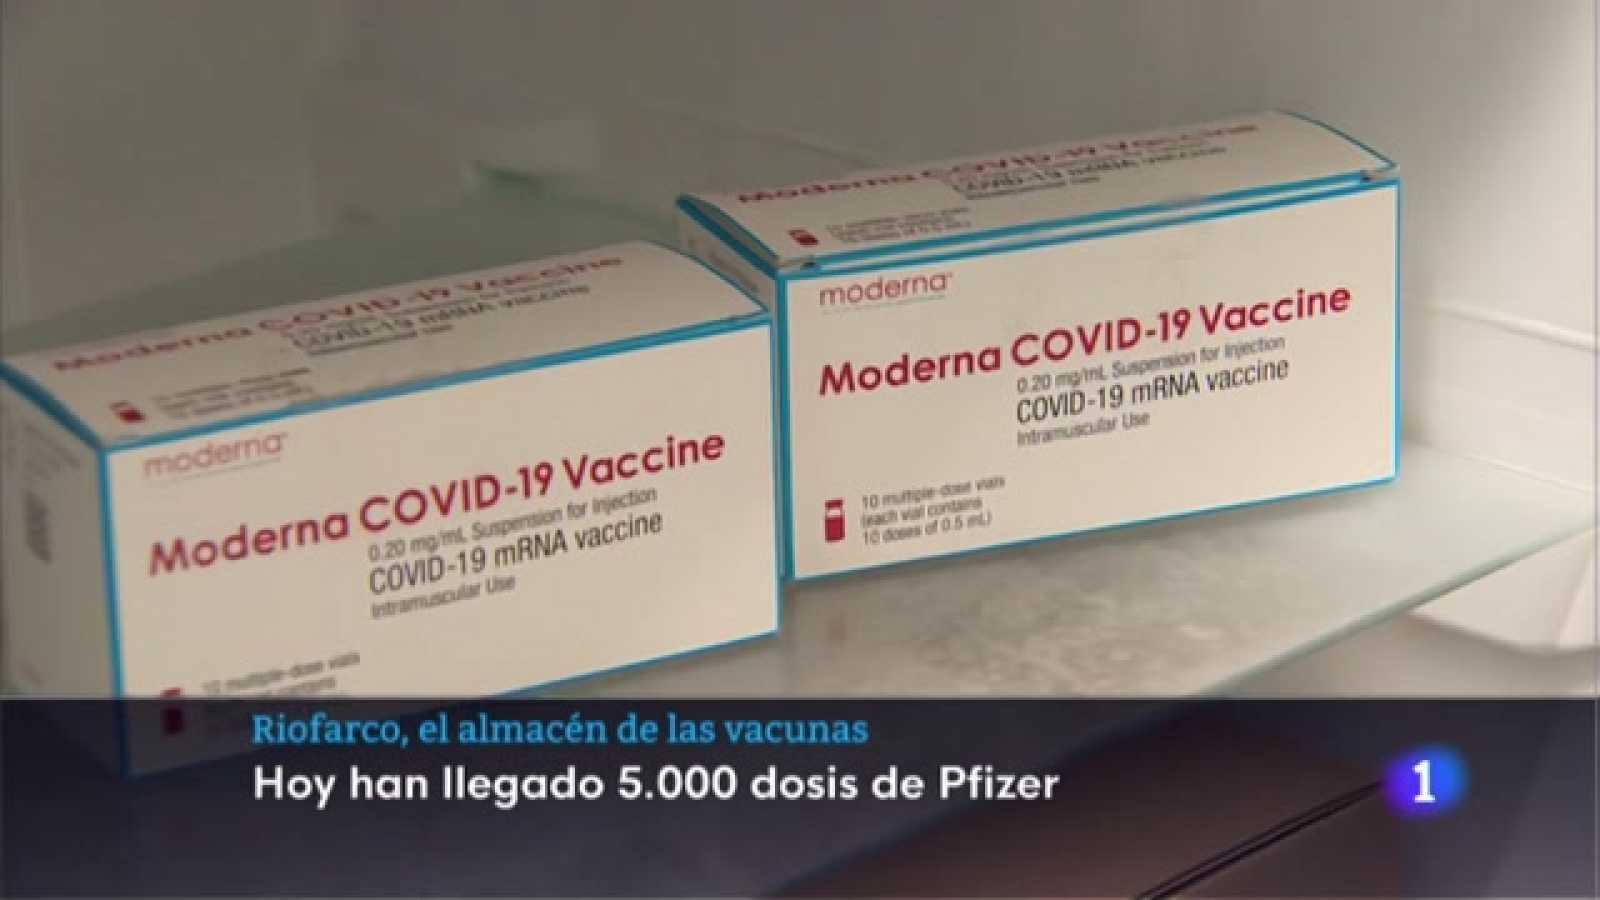 La Rioja ha administrado más del 90% de las vacunas recibidas